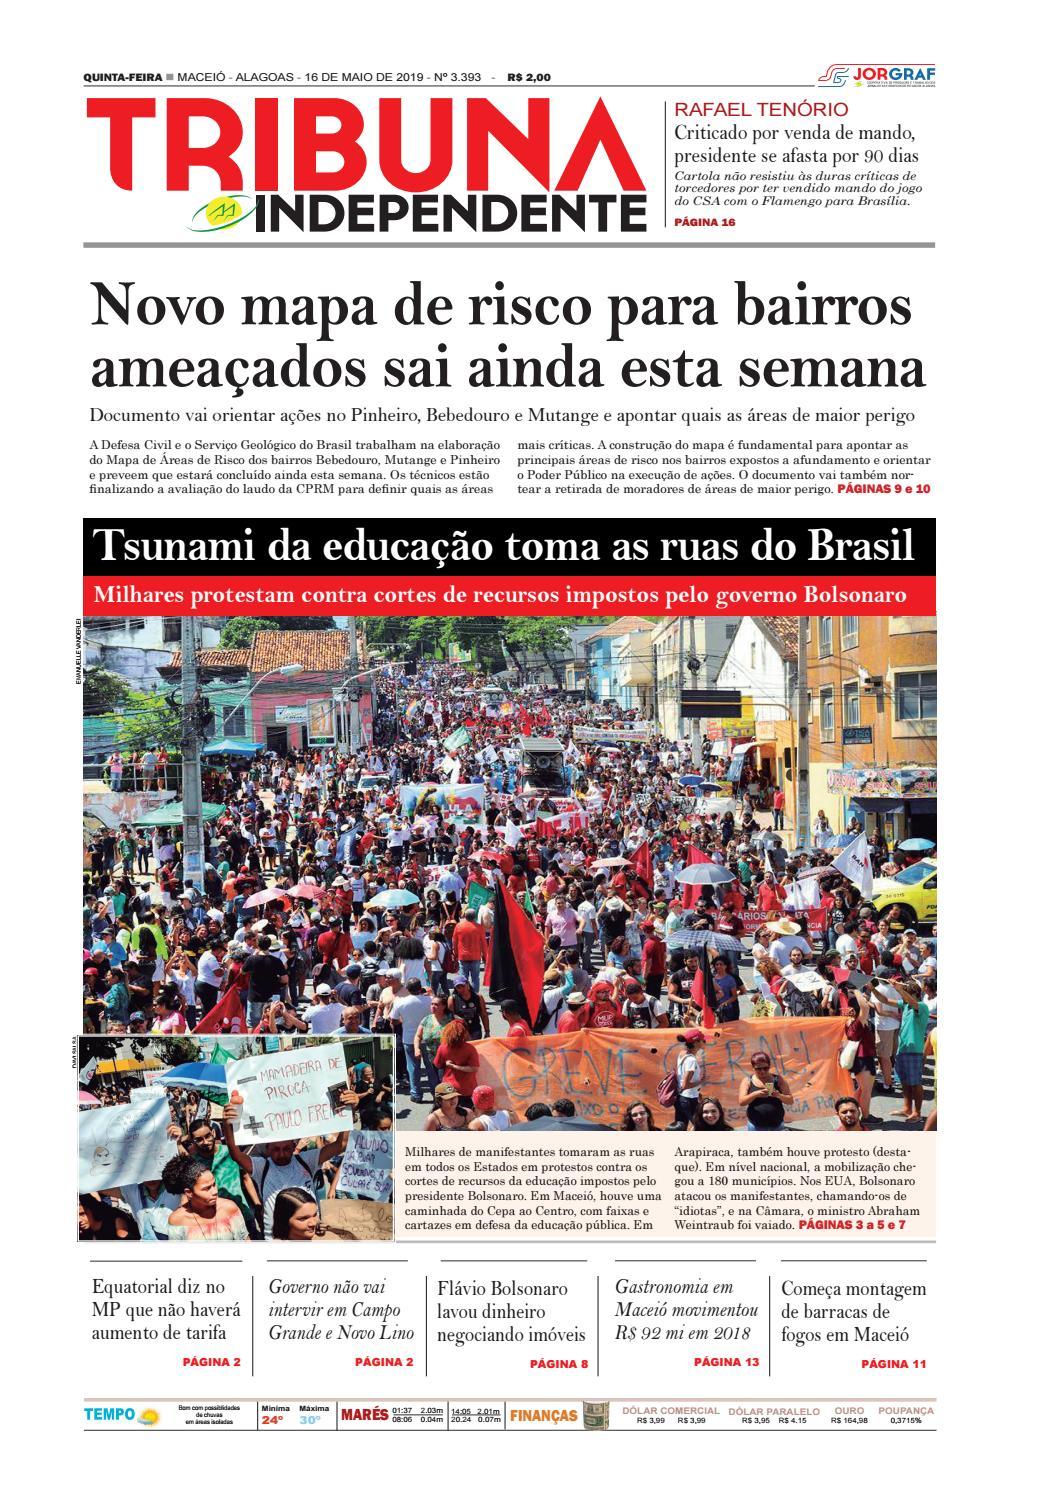 32d205d5c Edição número 3393 - 16 de maio de 2019 by Tribuna Hoje - issuu